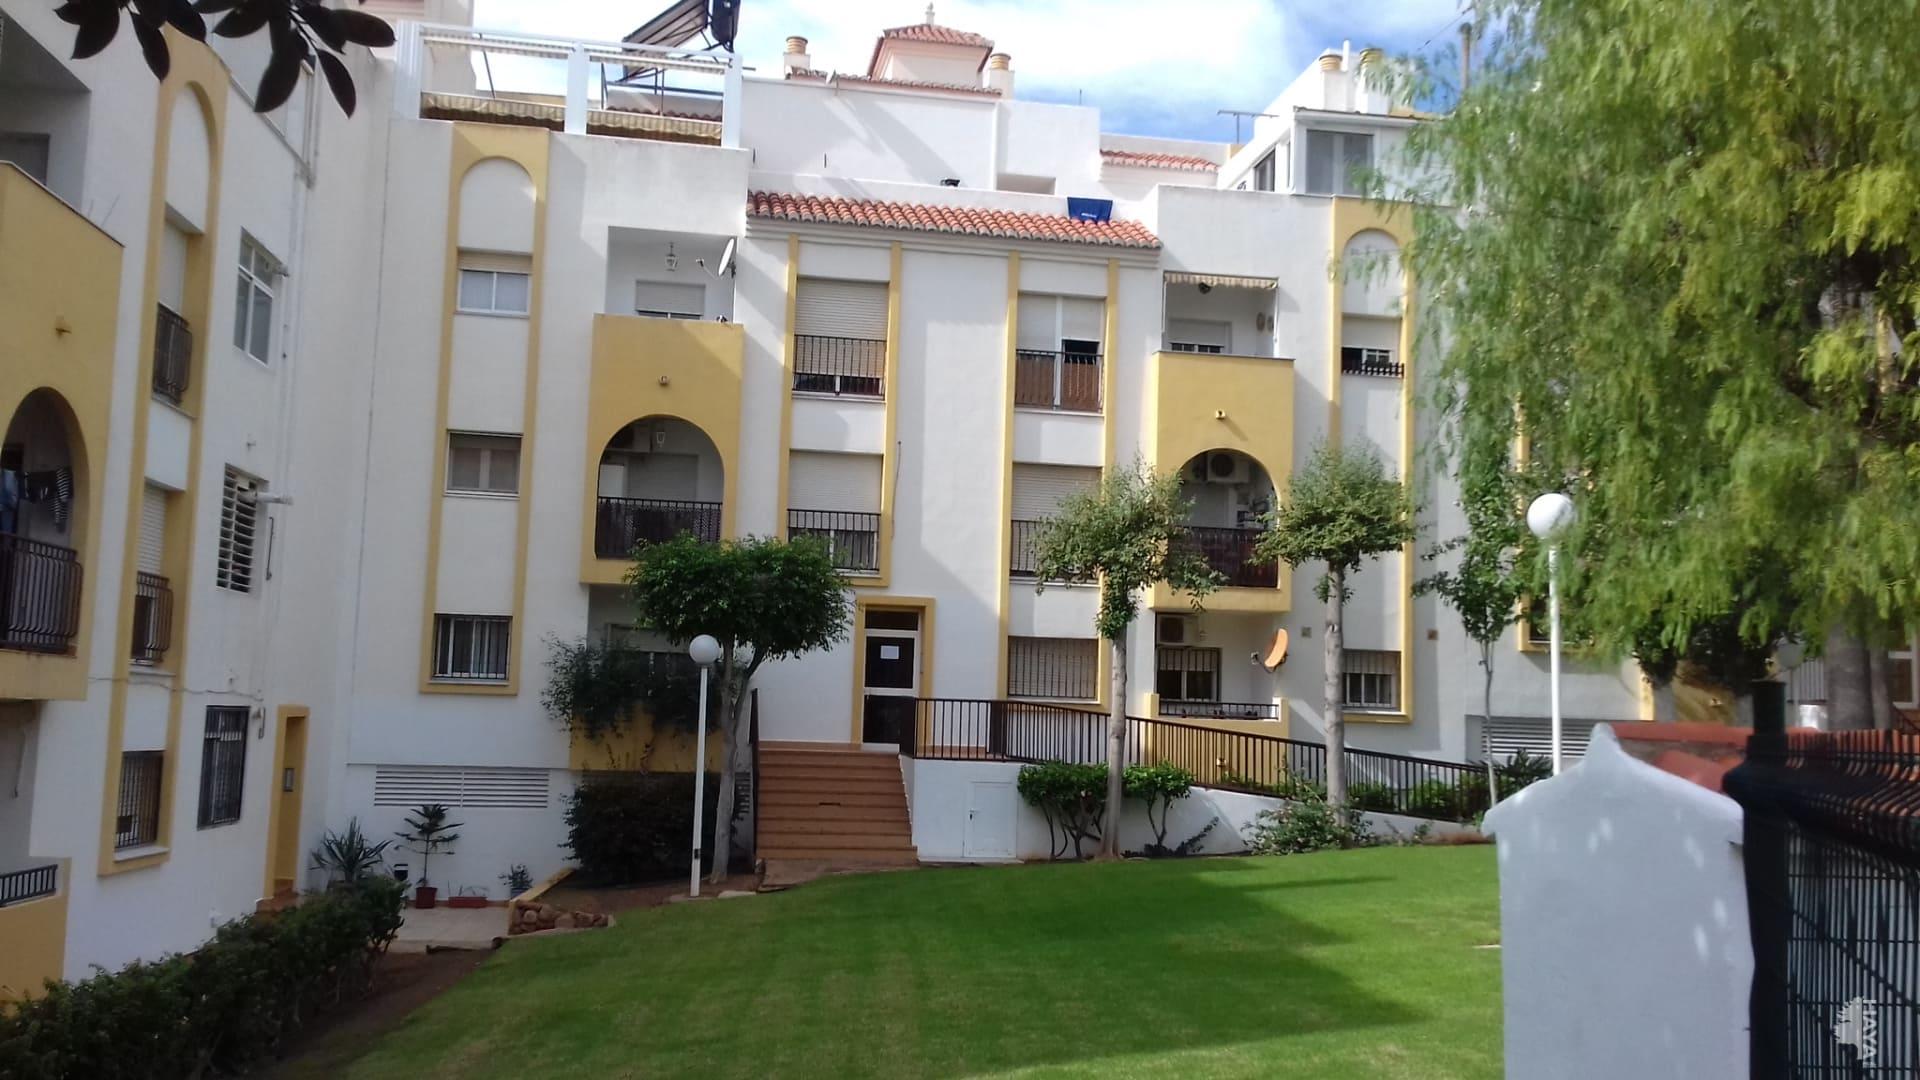 Piso en venta en Roquetas de Mar, Almería, Calle Rancho, 79.614 €, 2 habitaciones, 2 baños, 89 m2